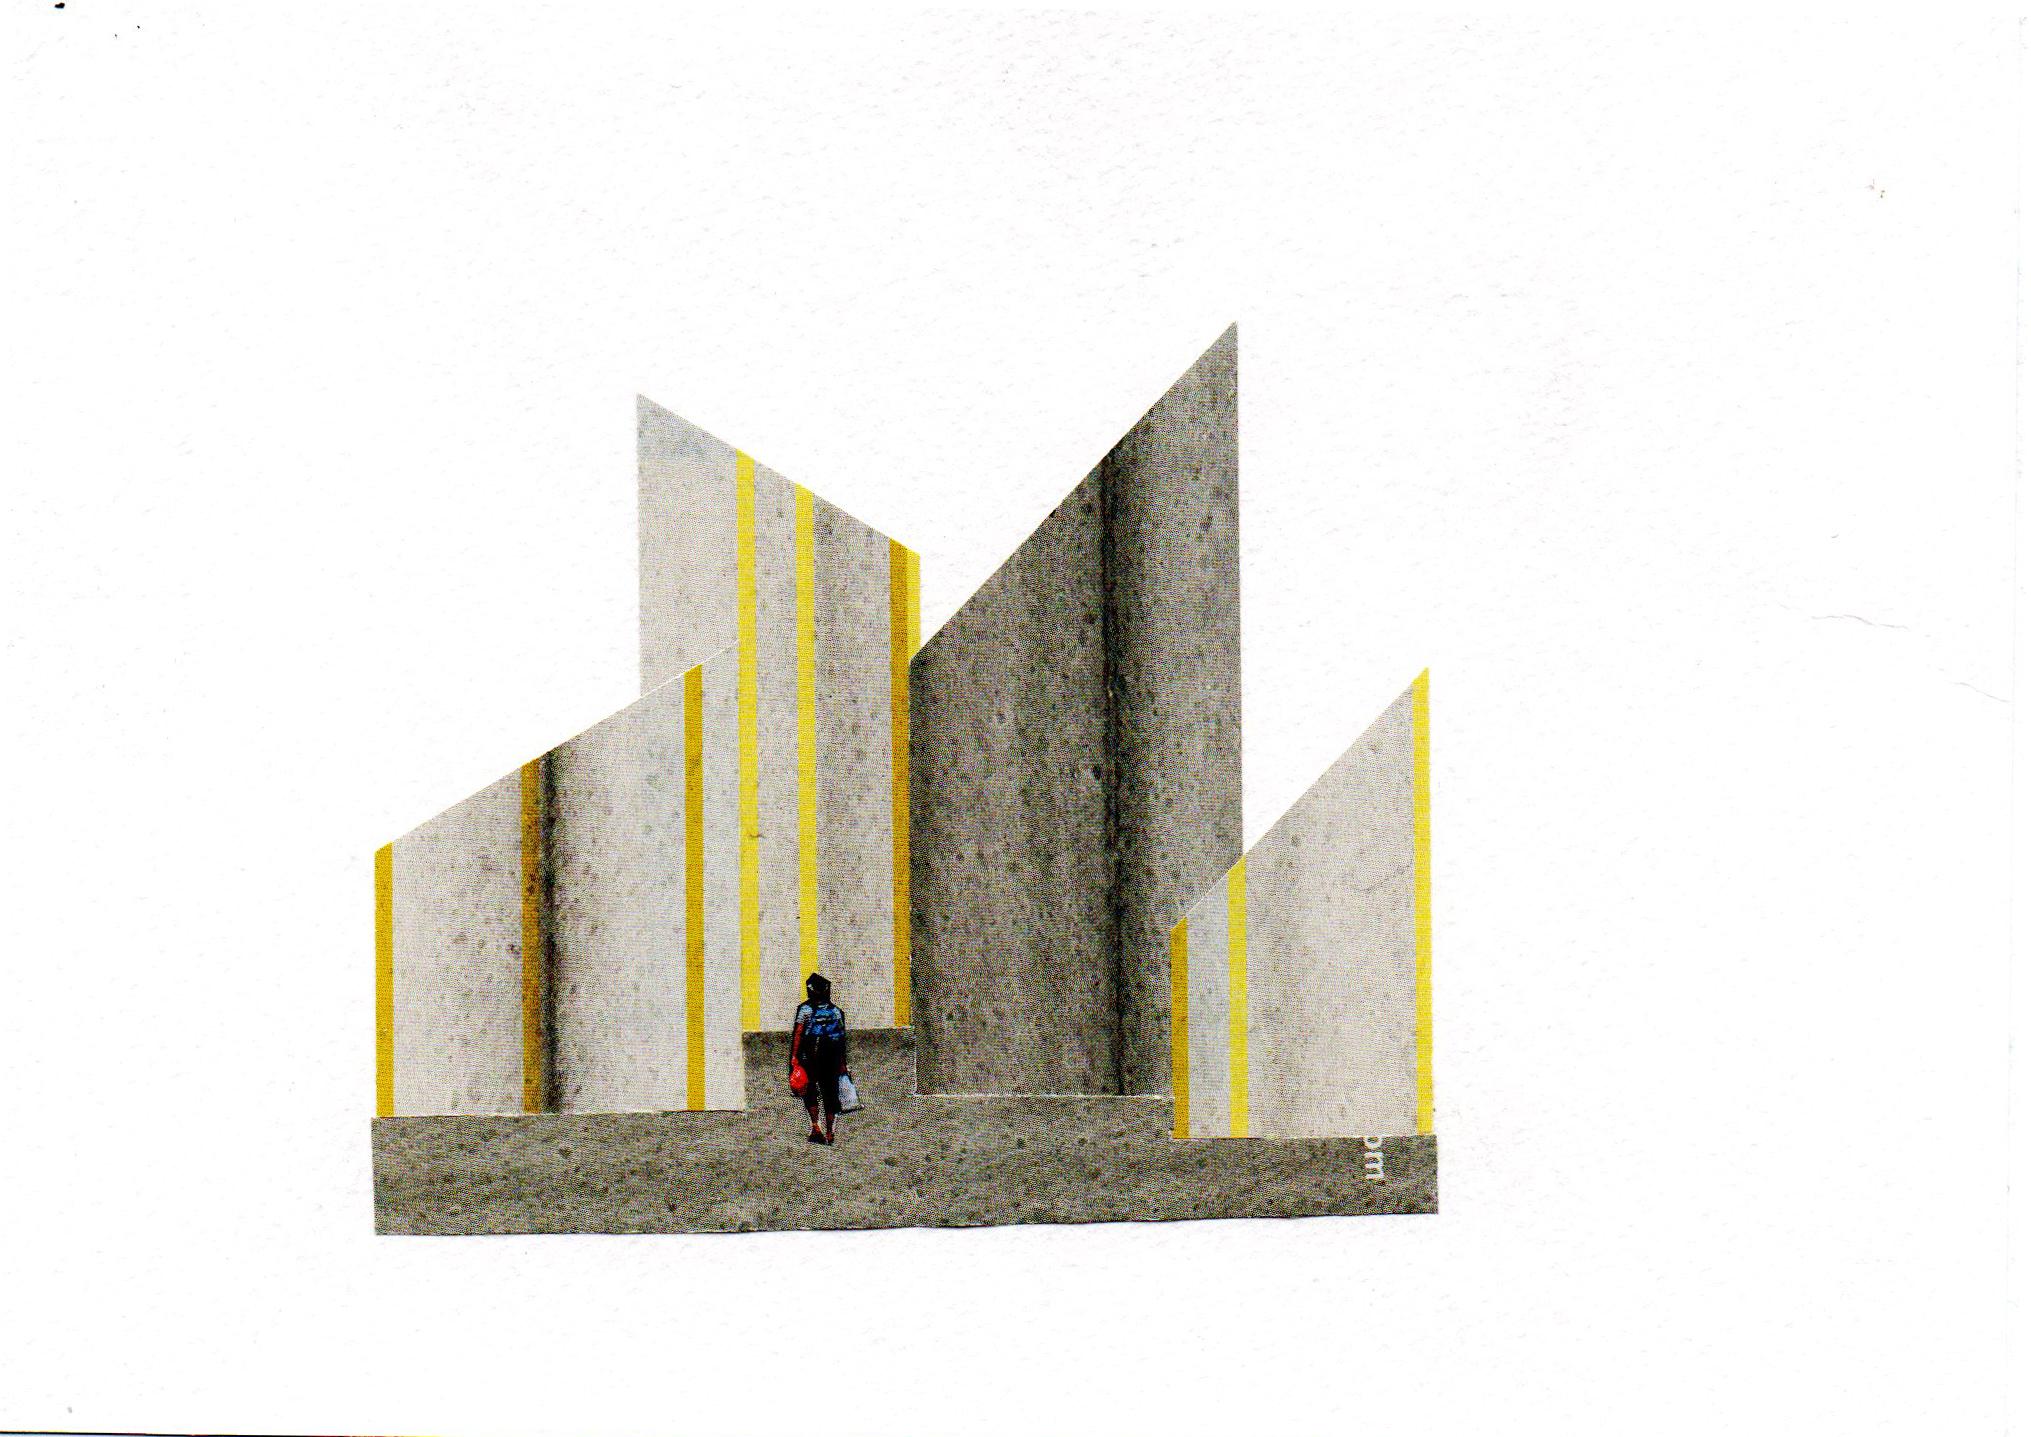 gestos-conceptuales-volumetria02.jpg